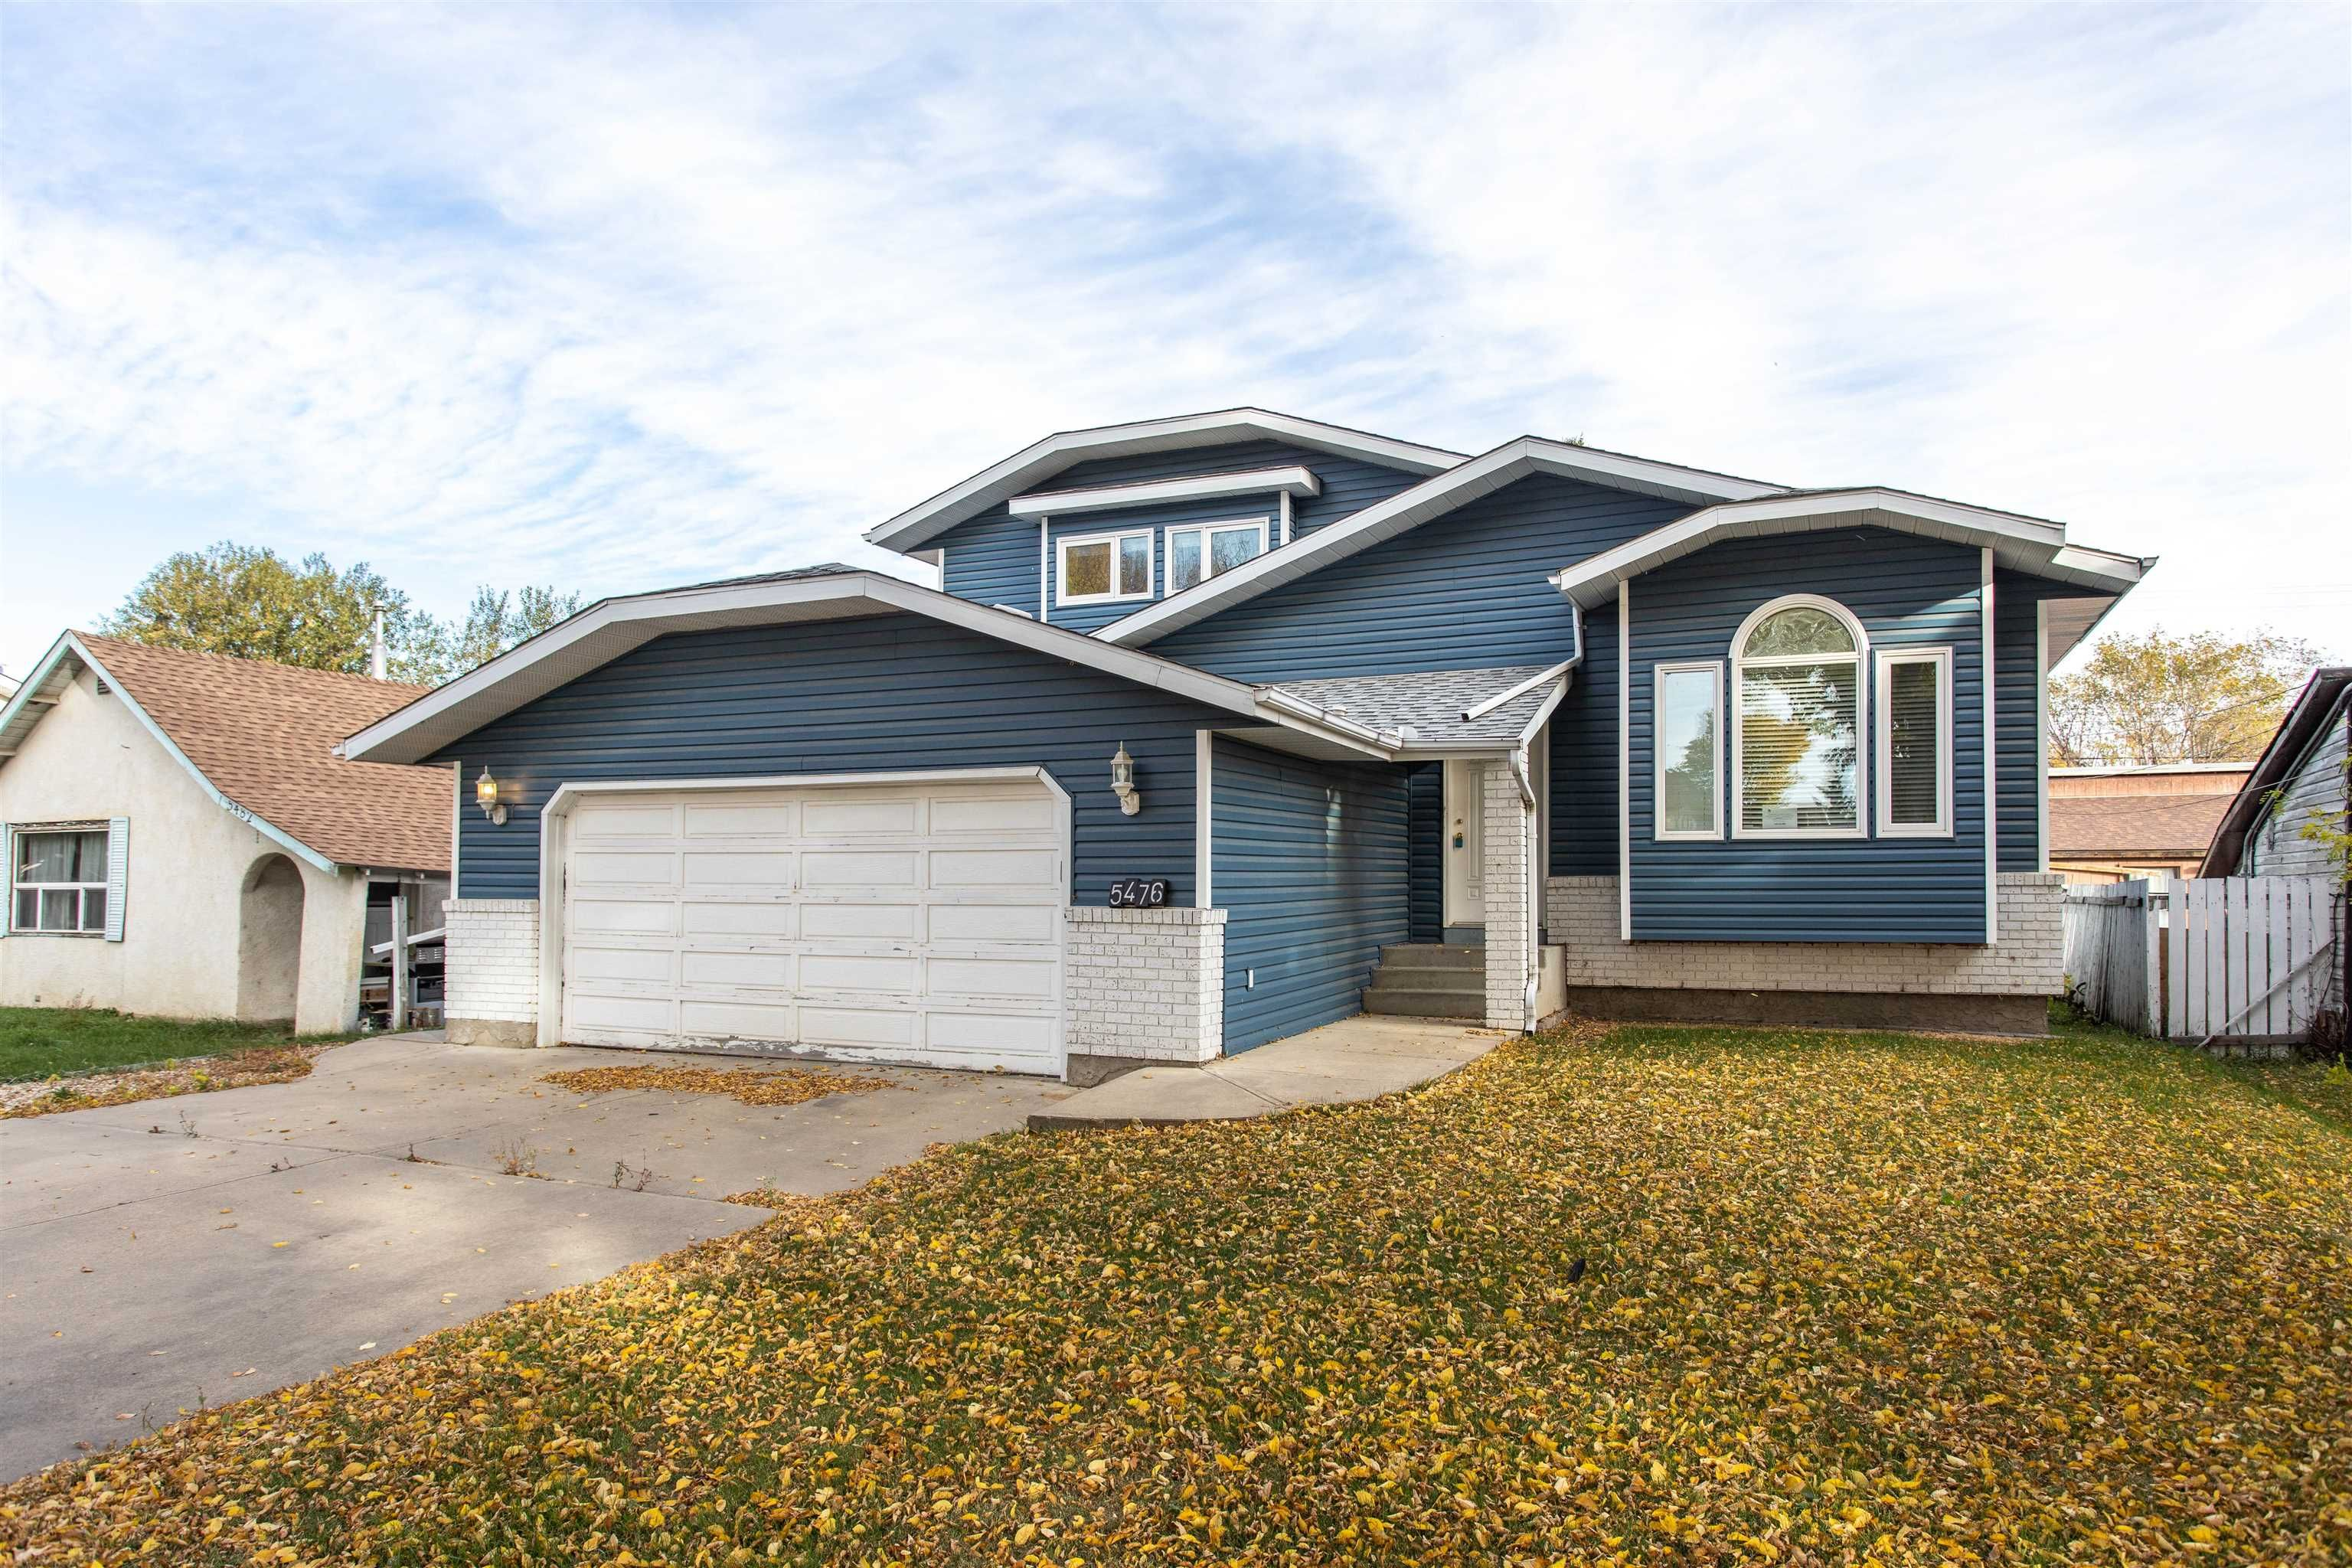 Main Photo: 5476 51 Avenue: Lacombe House for sale : MLS®# E4265549